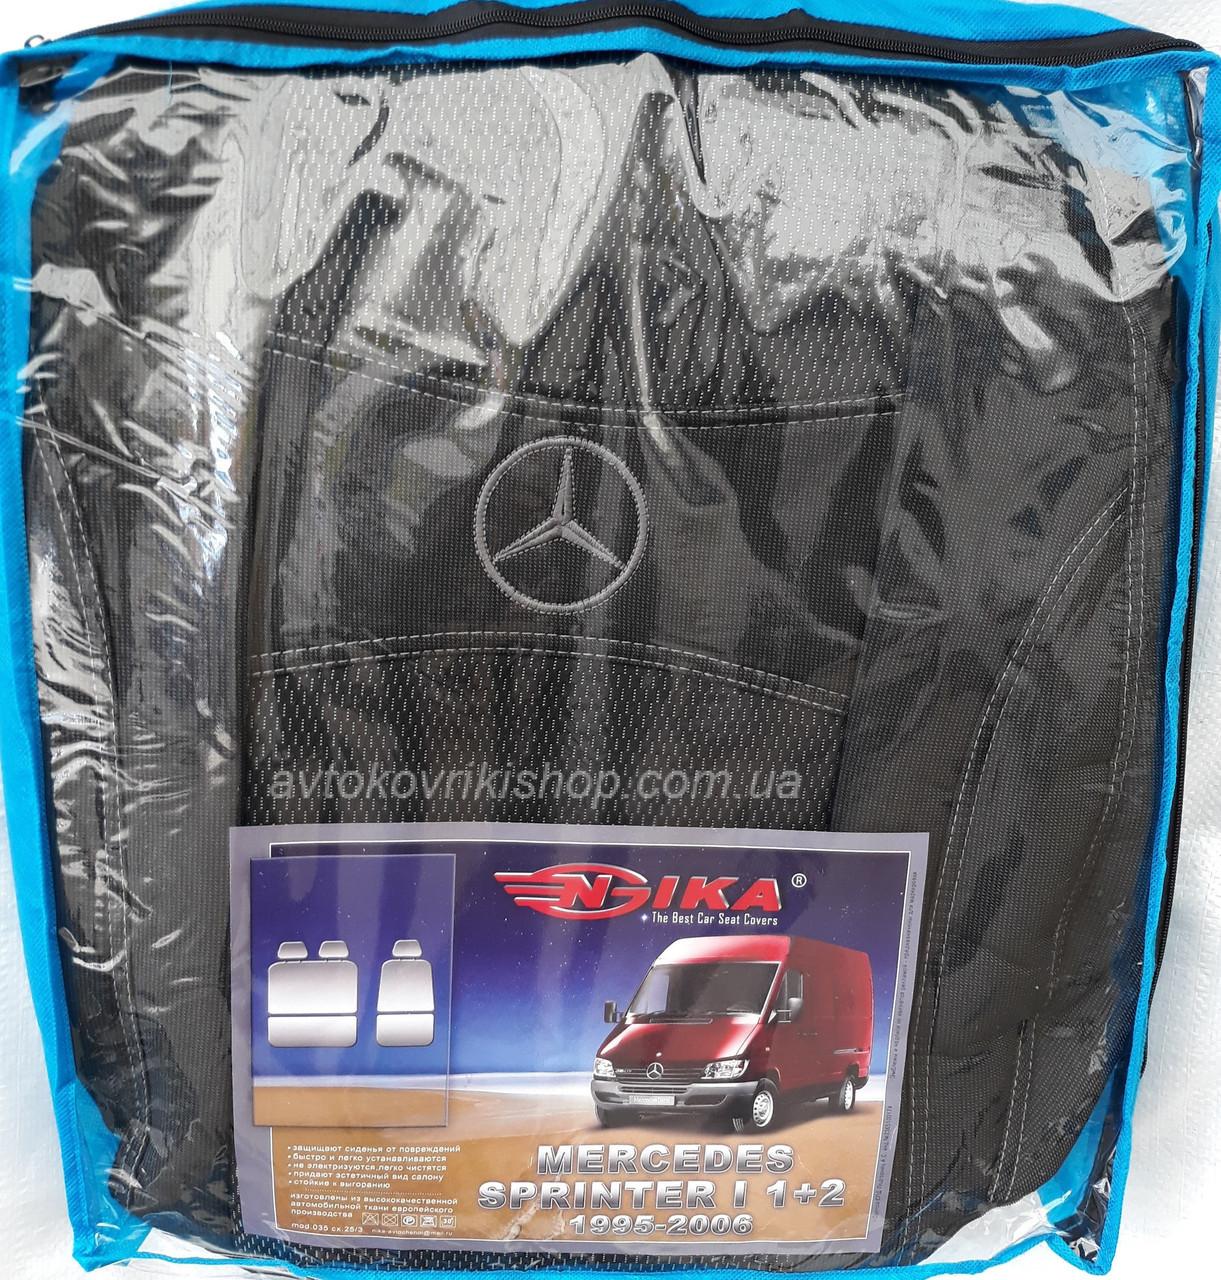 Авточехлы Mercedes Sprinter I 1+2 1995-2006 Nika